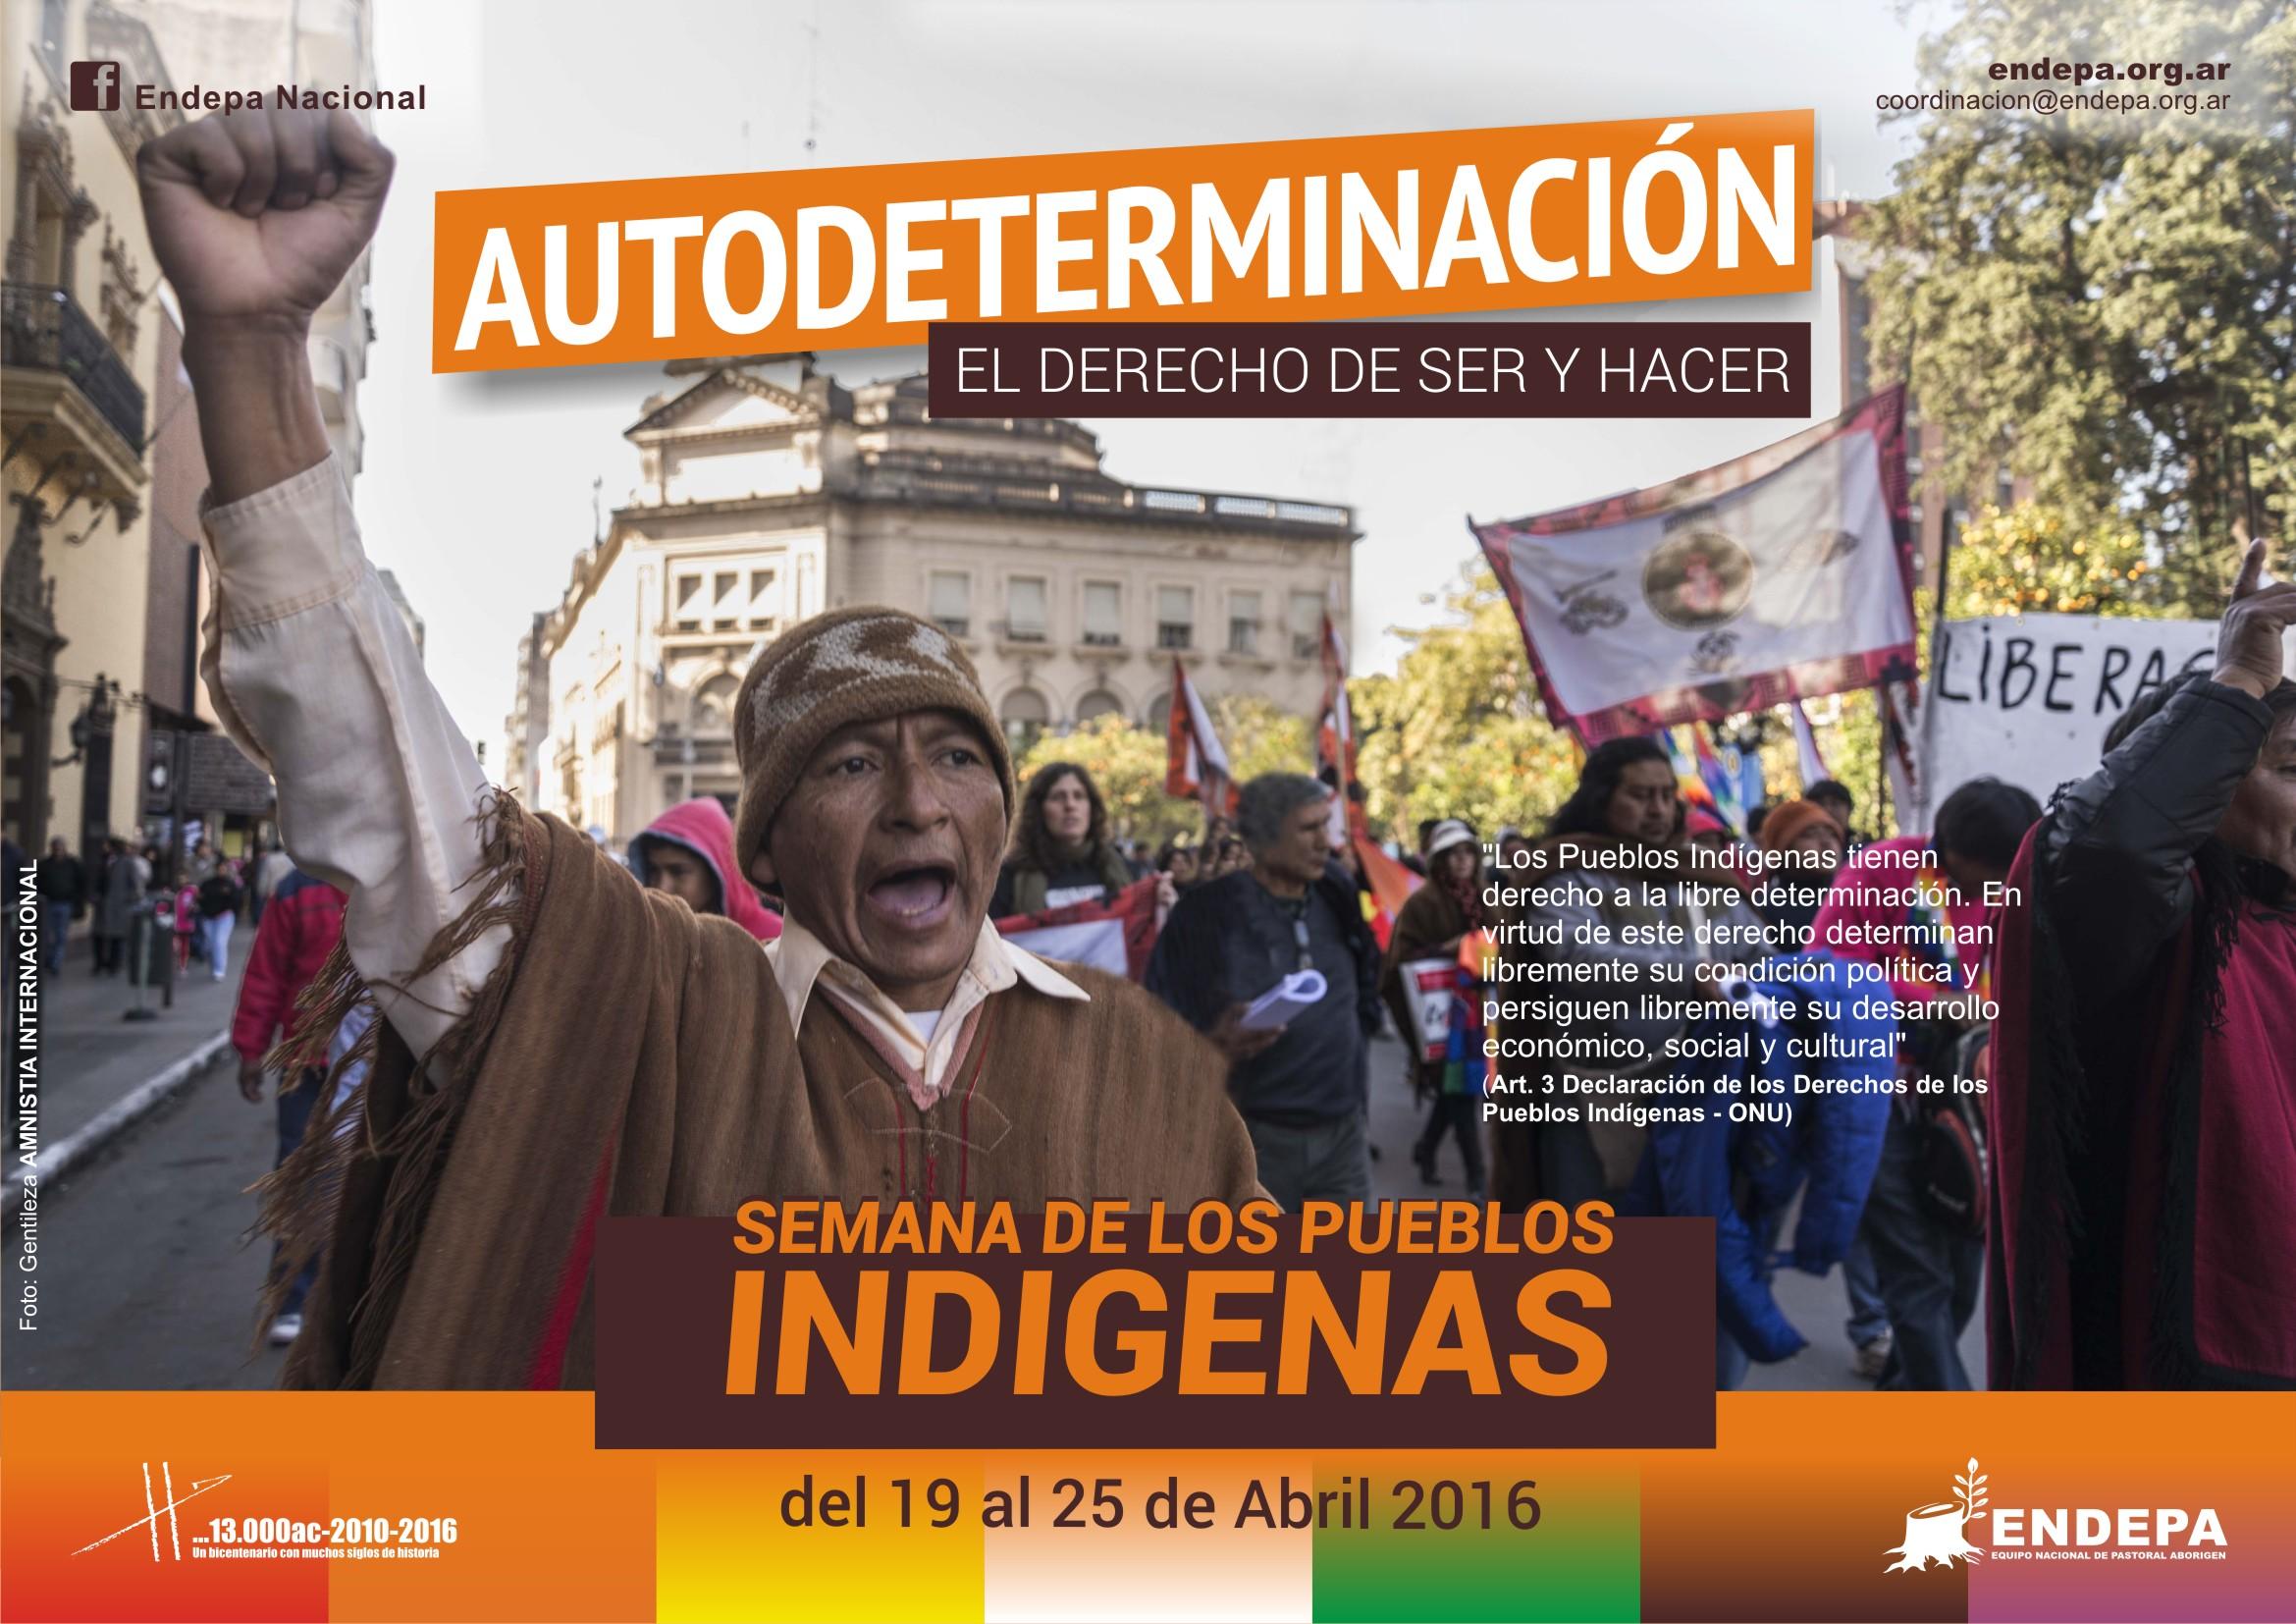 Semana Pueblos Indígenas